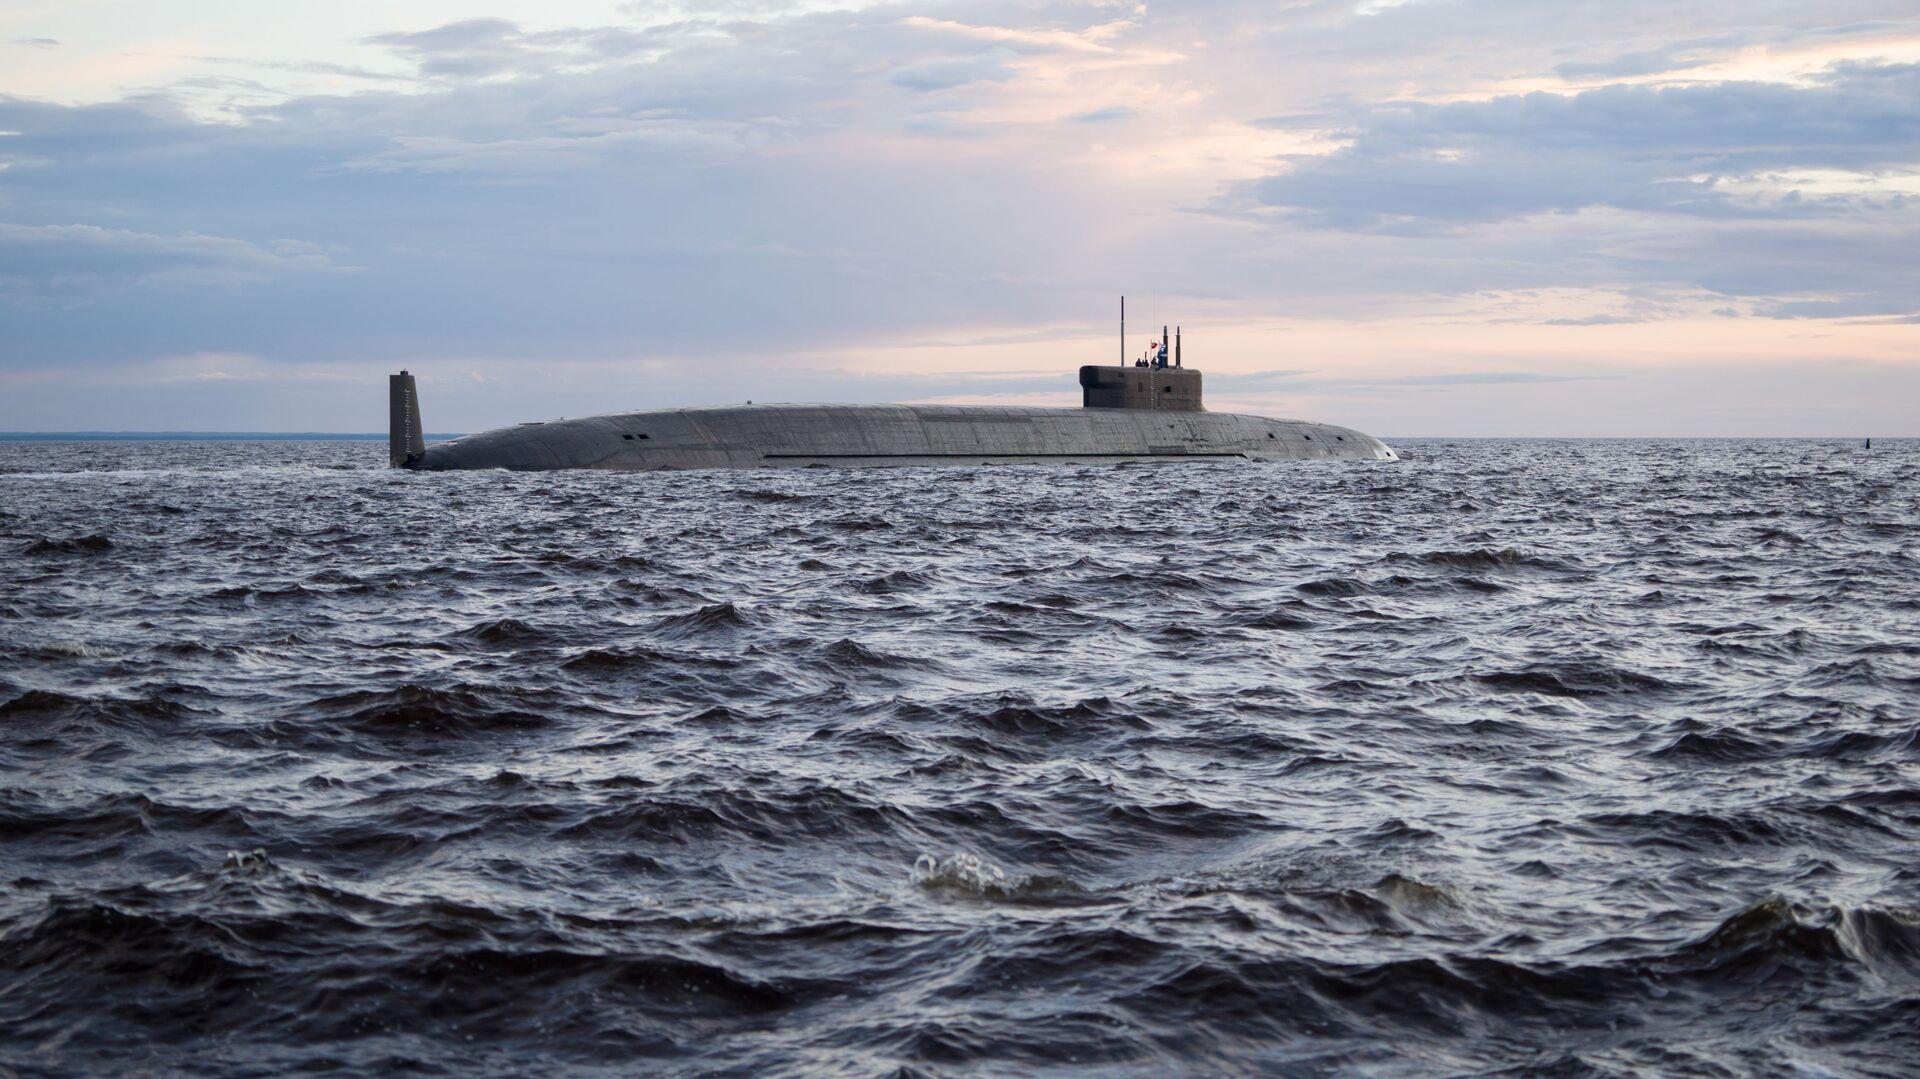 Un submarino nuclear ruso de la clase Borei - Sputnik Mundo, 1920, 12.02.2021